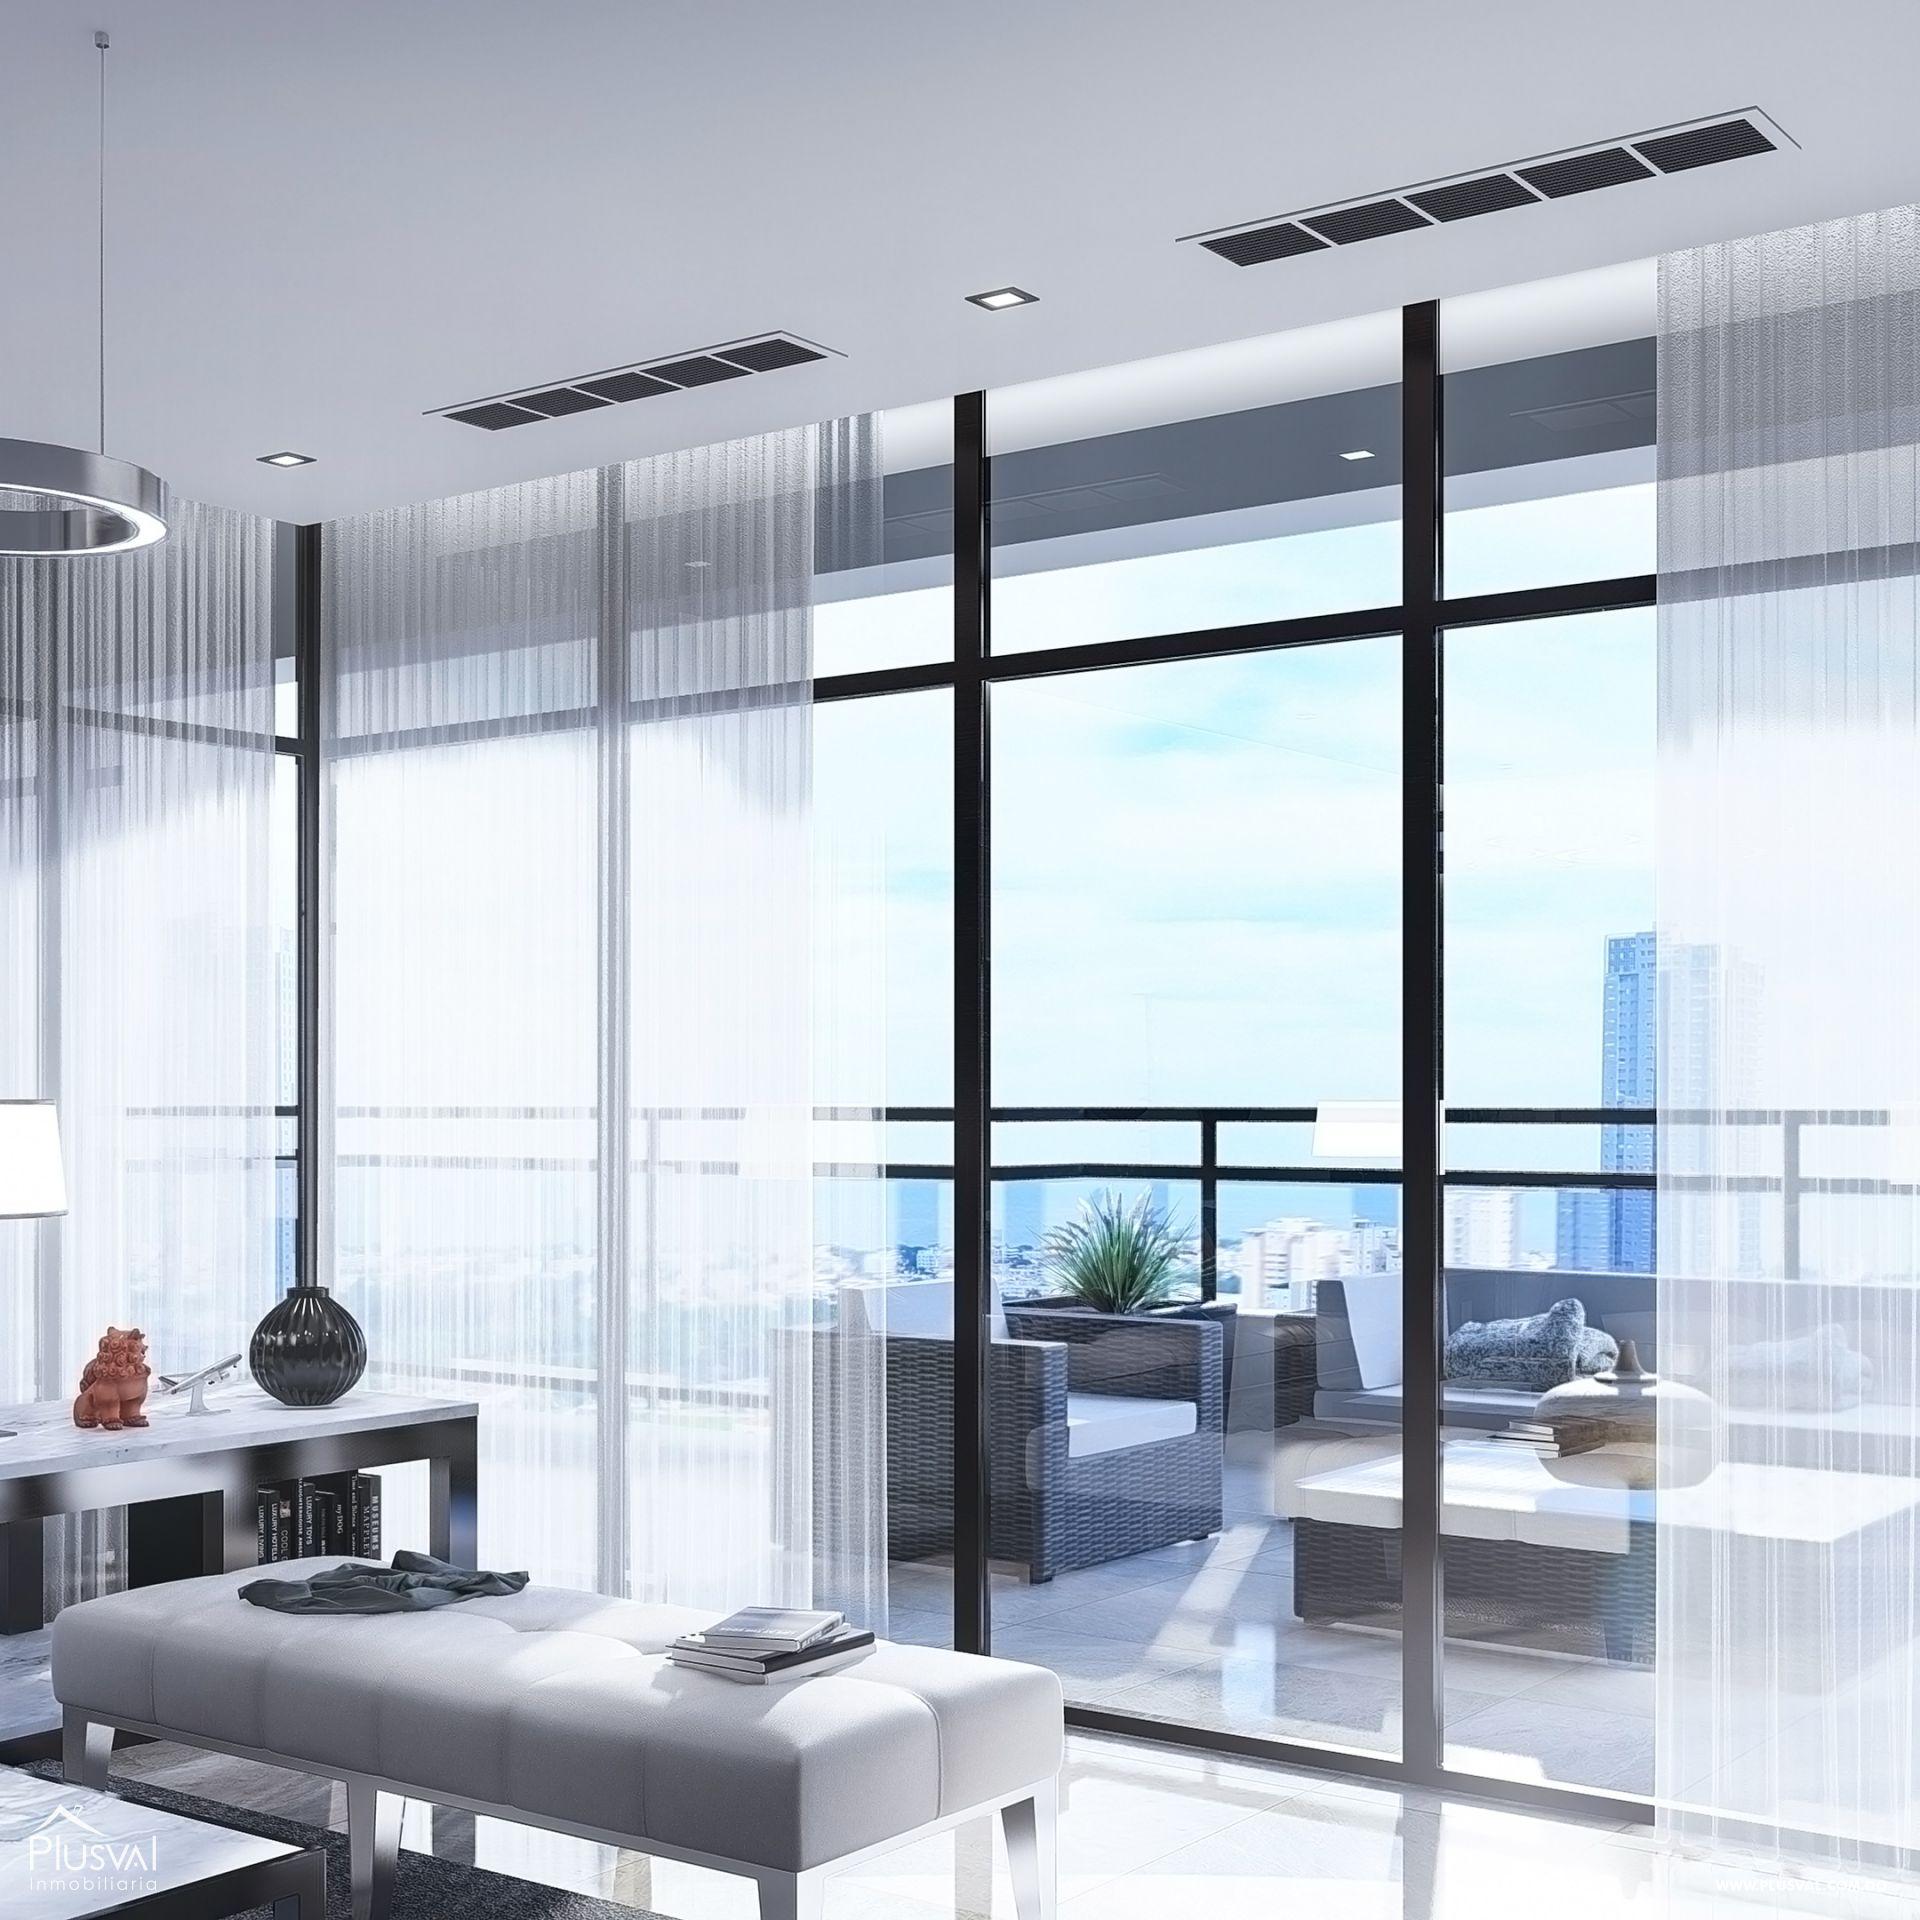 Imponente torre con apartamentos en venta uno por piso con vista al mar en Avenida Enriquillo, Cacicazgos. 144523